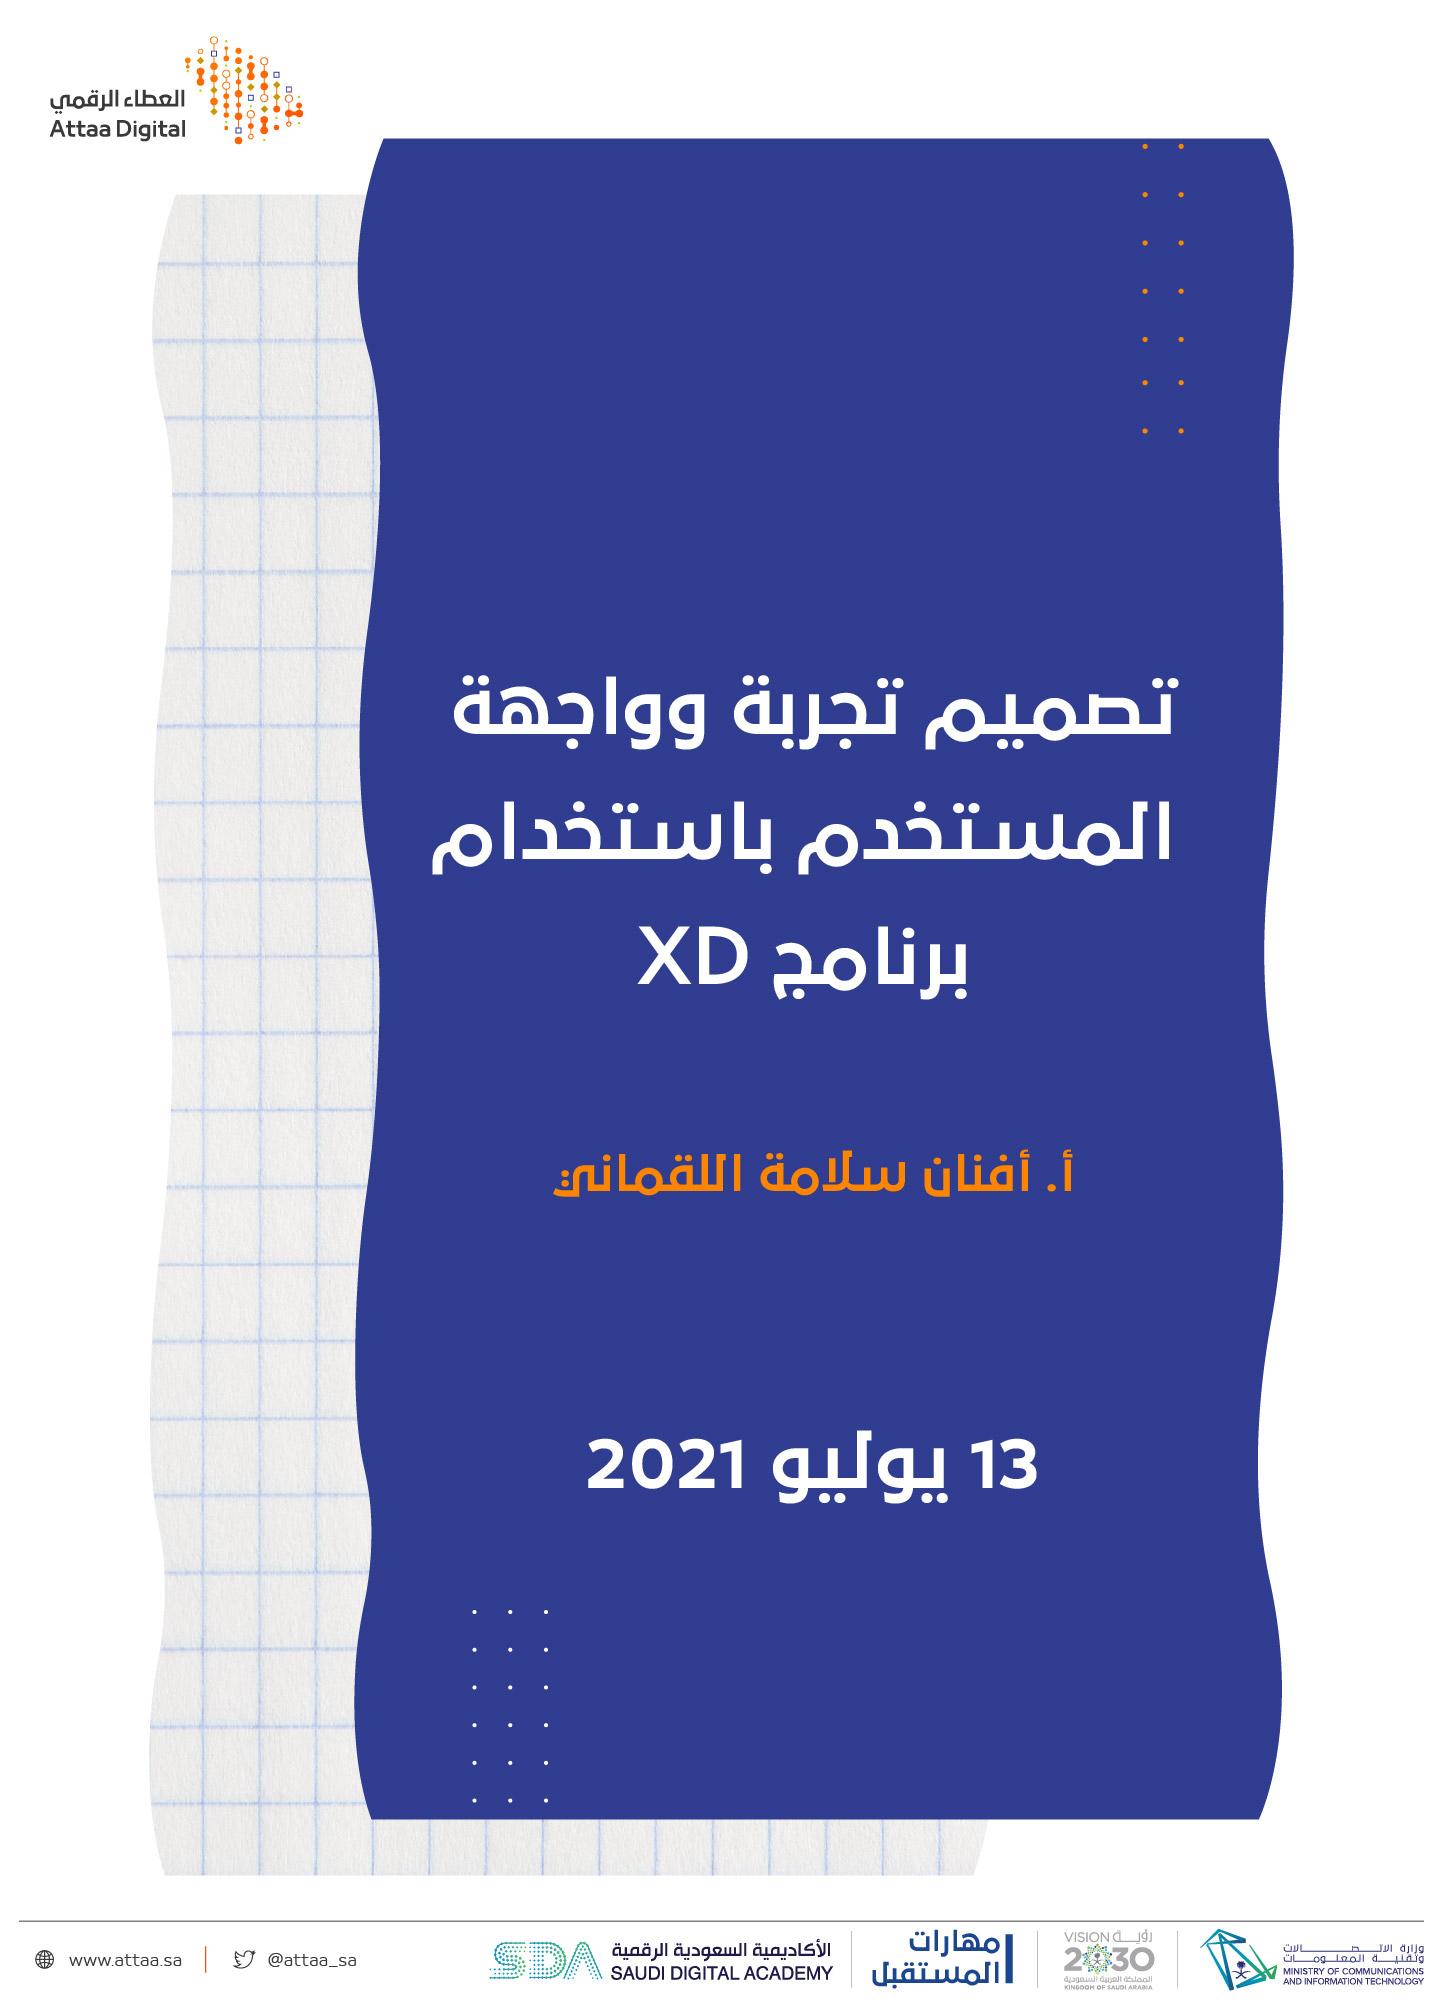 تصميم تجربة وواجهة المستخدم باستخدام برنامج XD